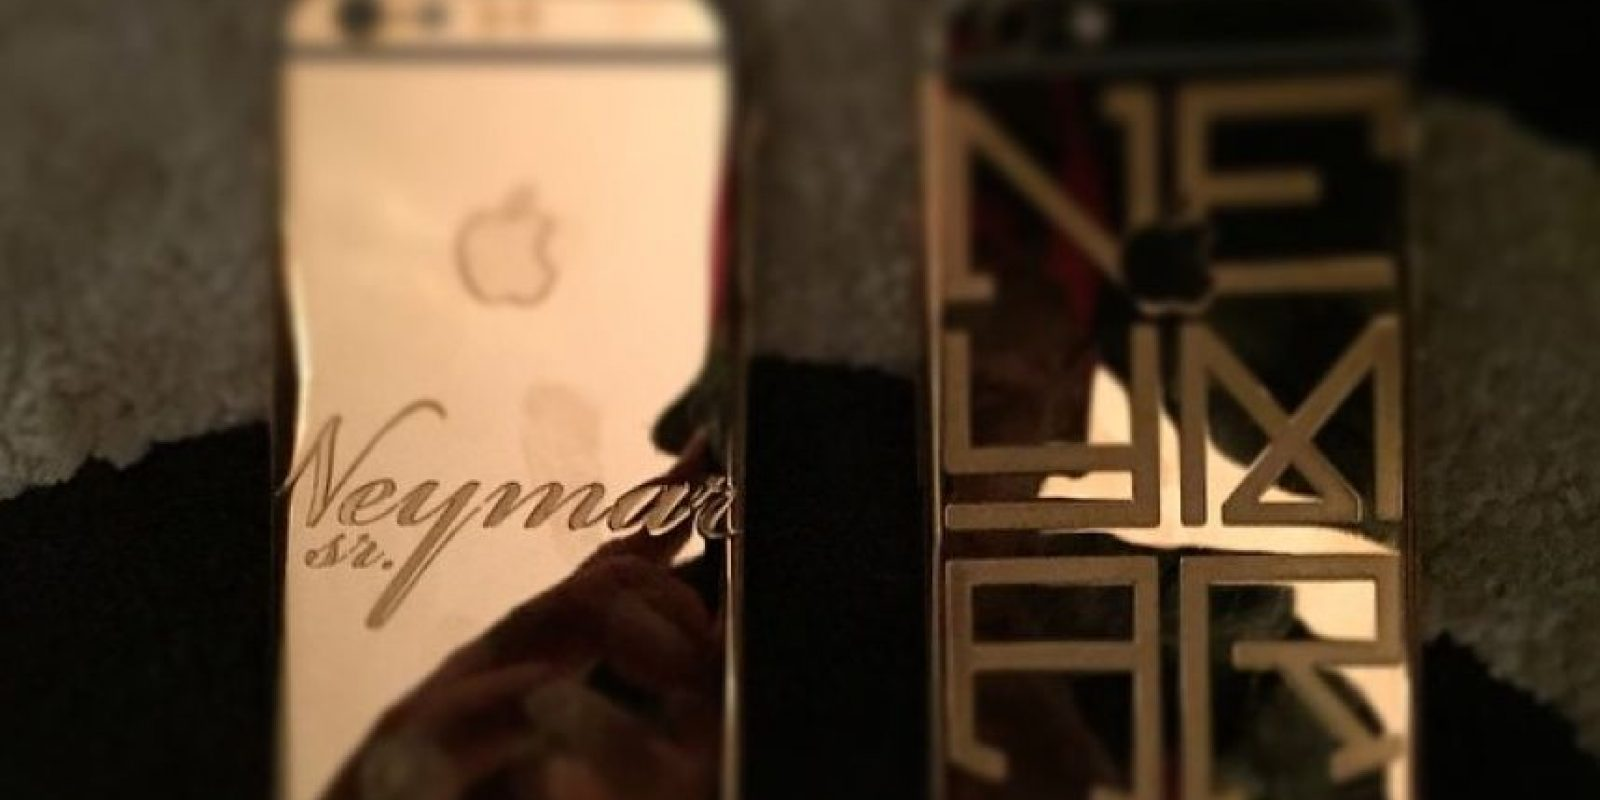 """Además, se unió a la """"moda"""" de los iPhones con carcasa de oro. La versión sin personalizar tiene un costo de 6 mil 490 dólares. Foto:Vía instagram.com/neymarjr"""